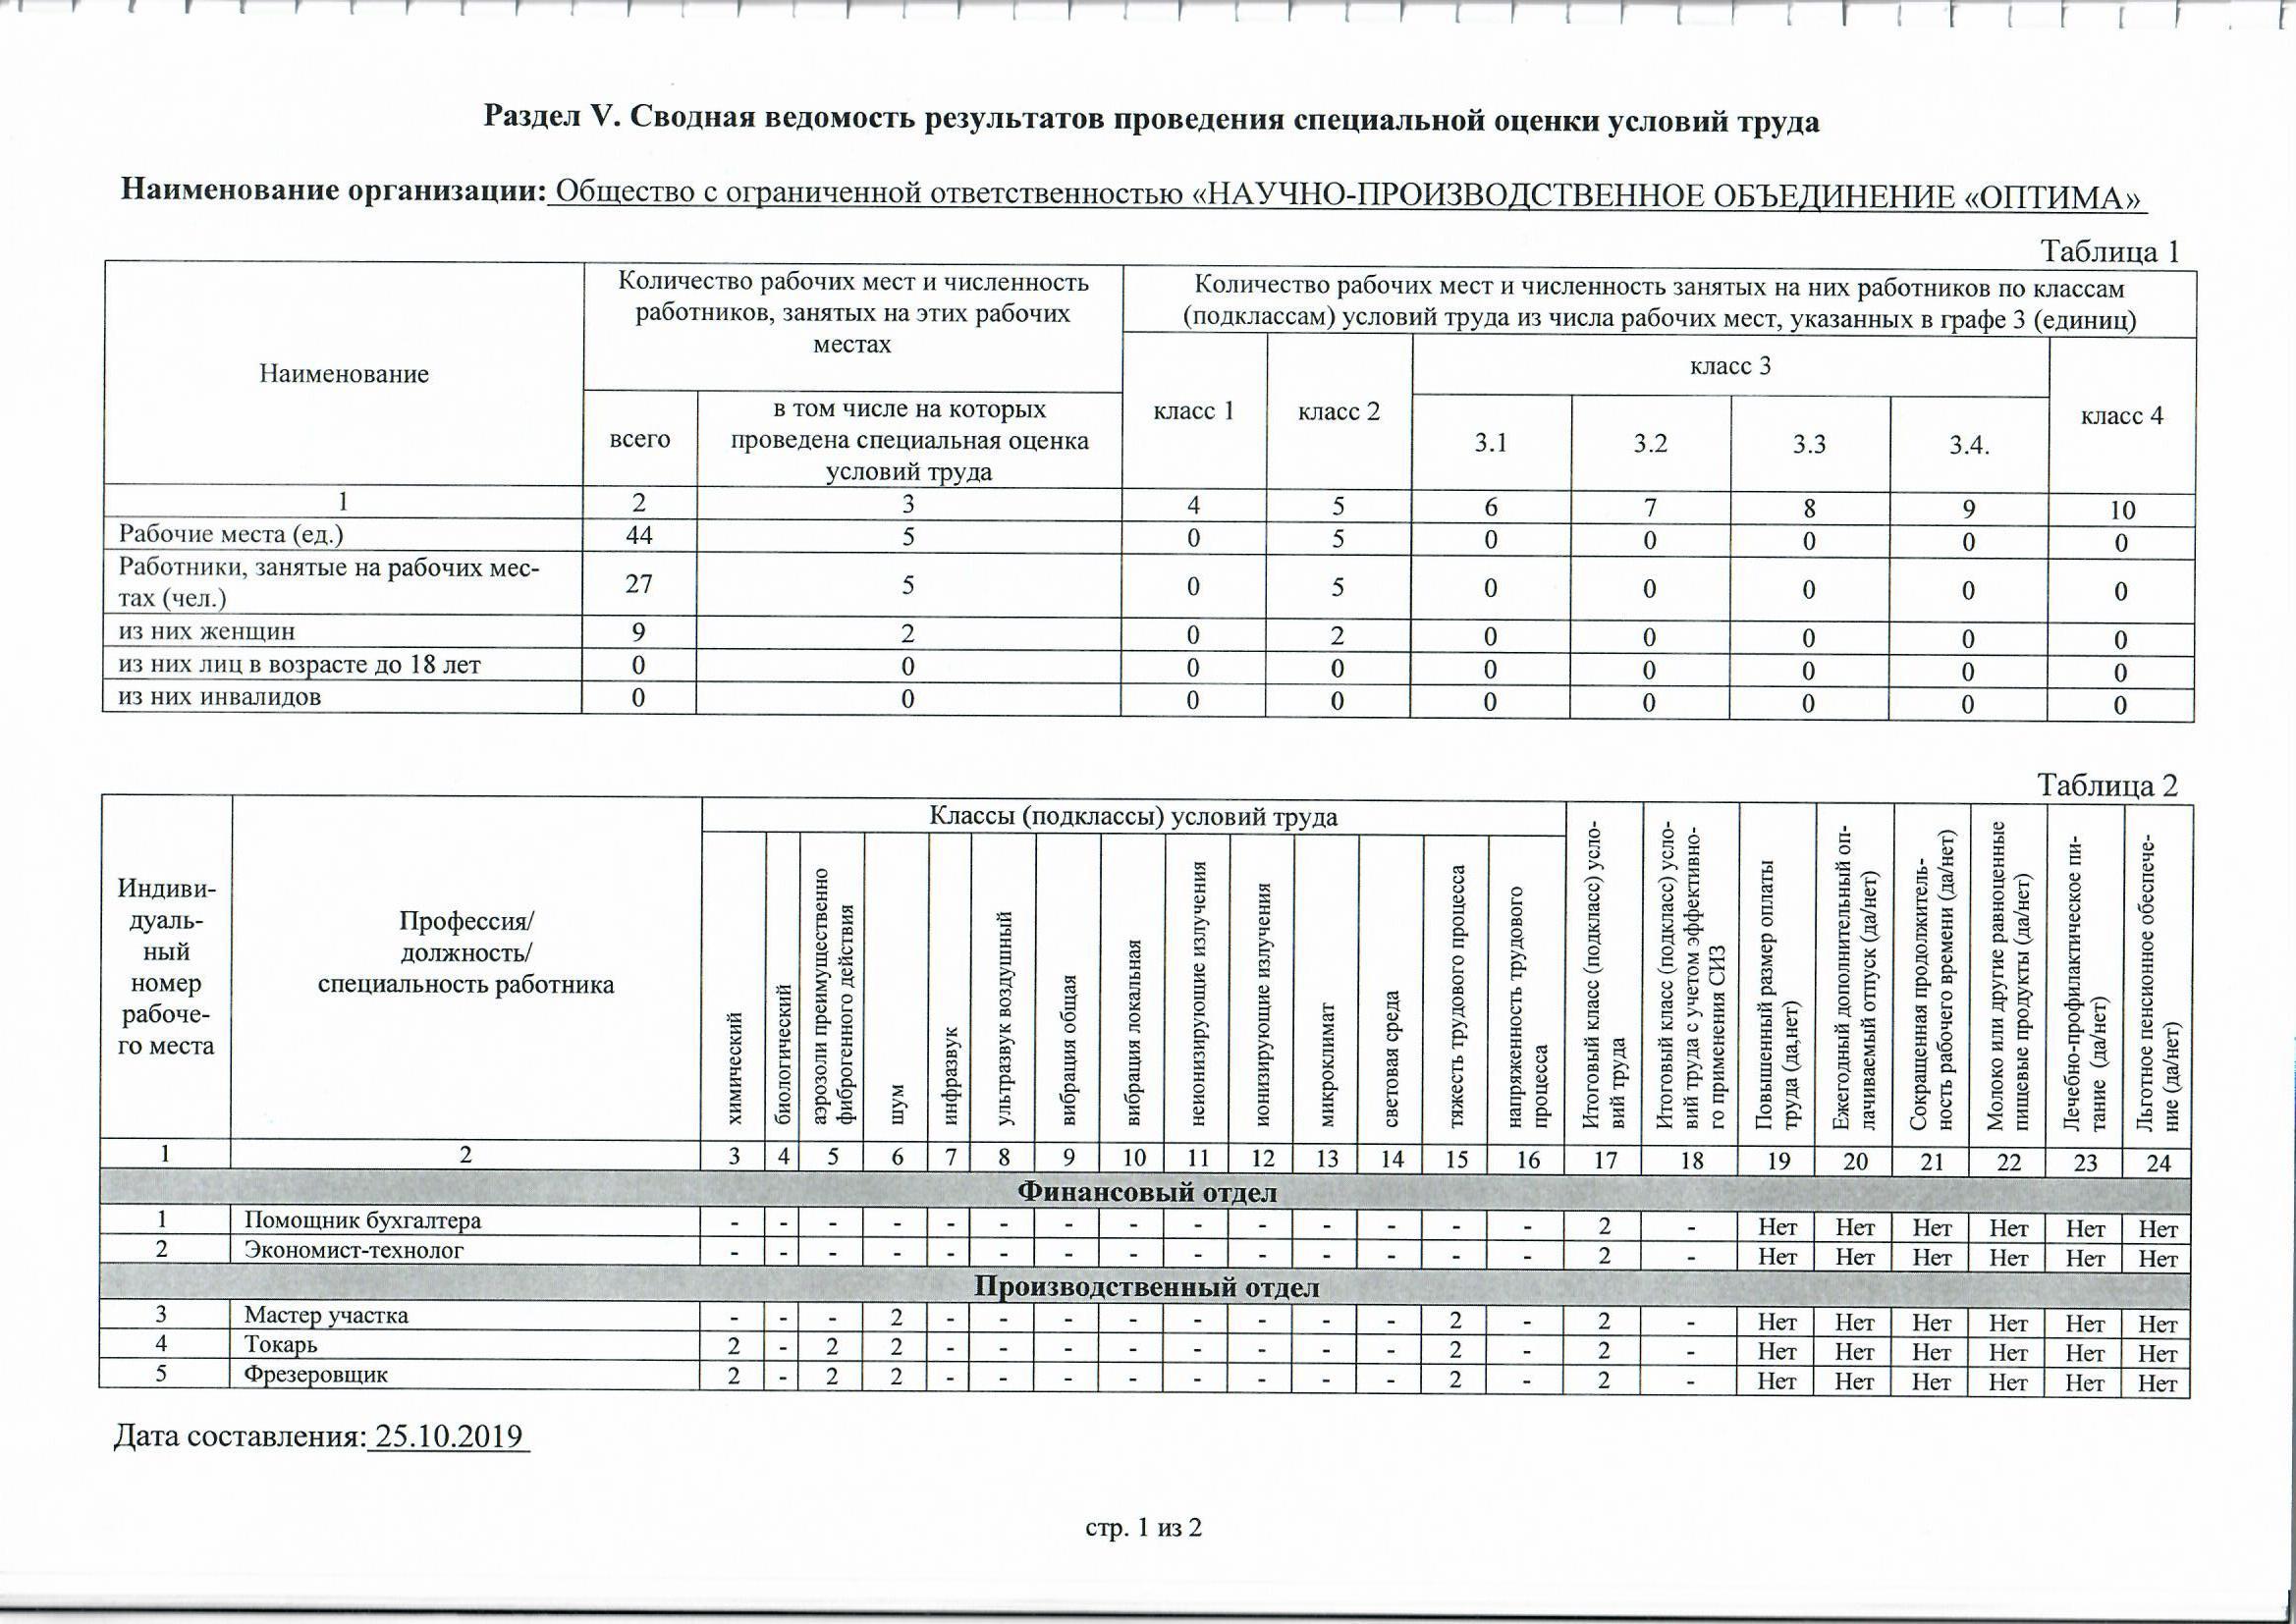 Результаты СОУТ 25.10.2019